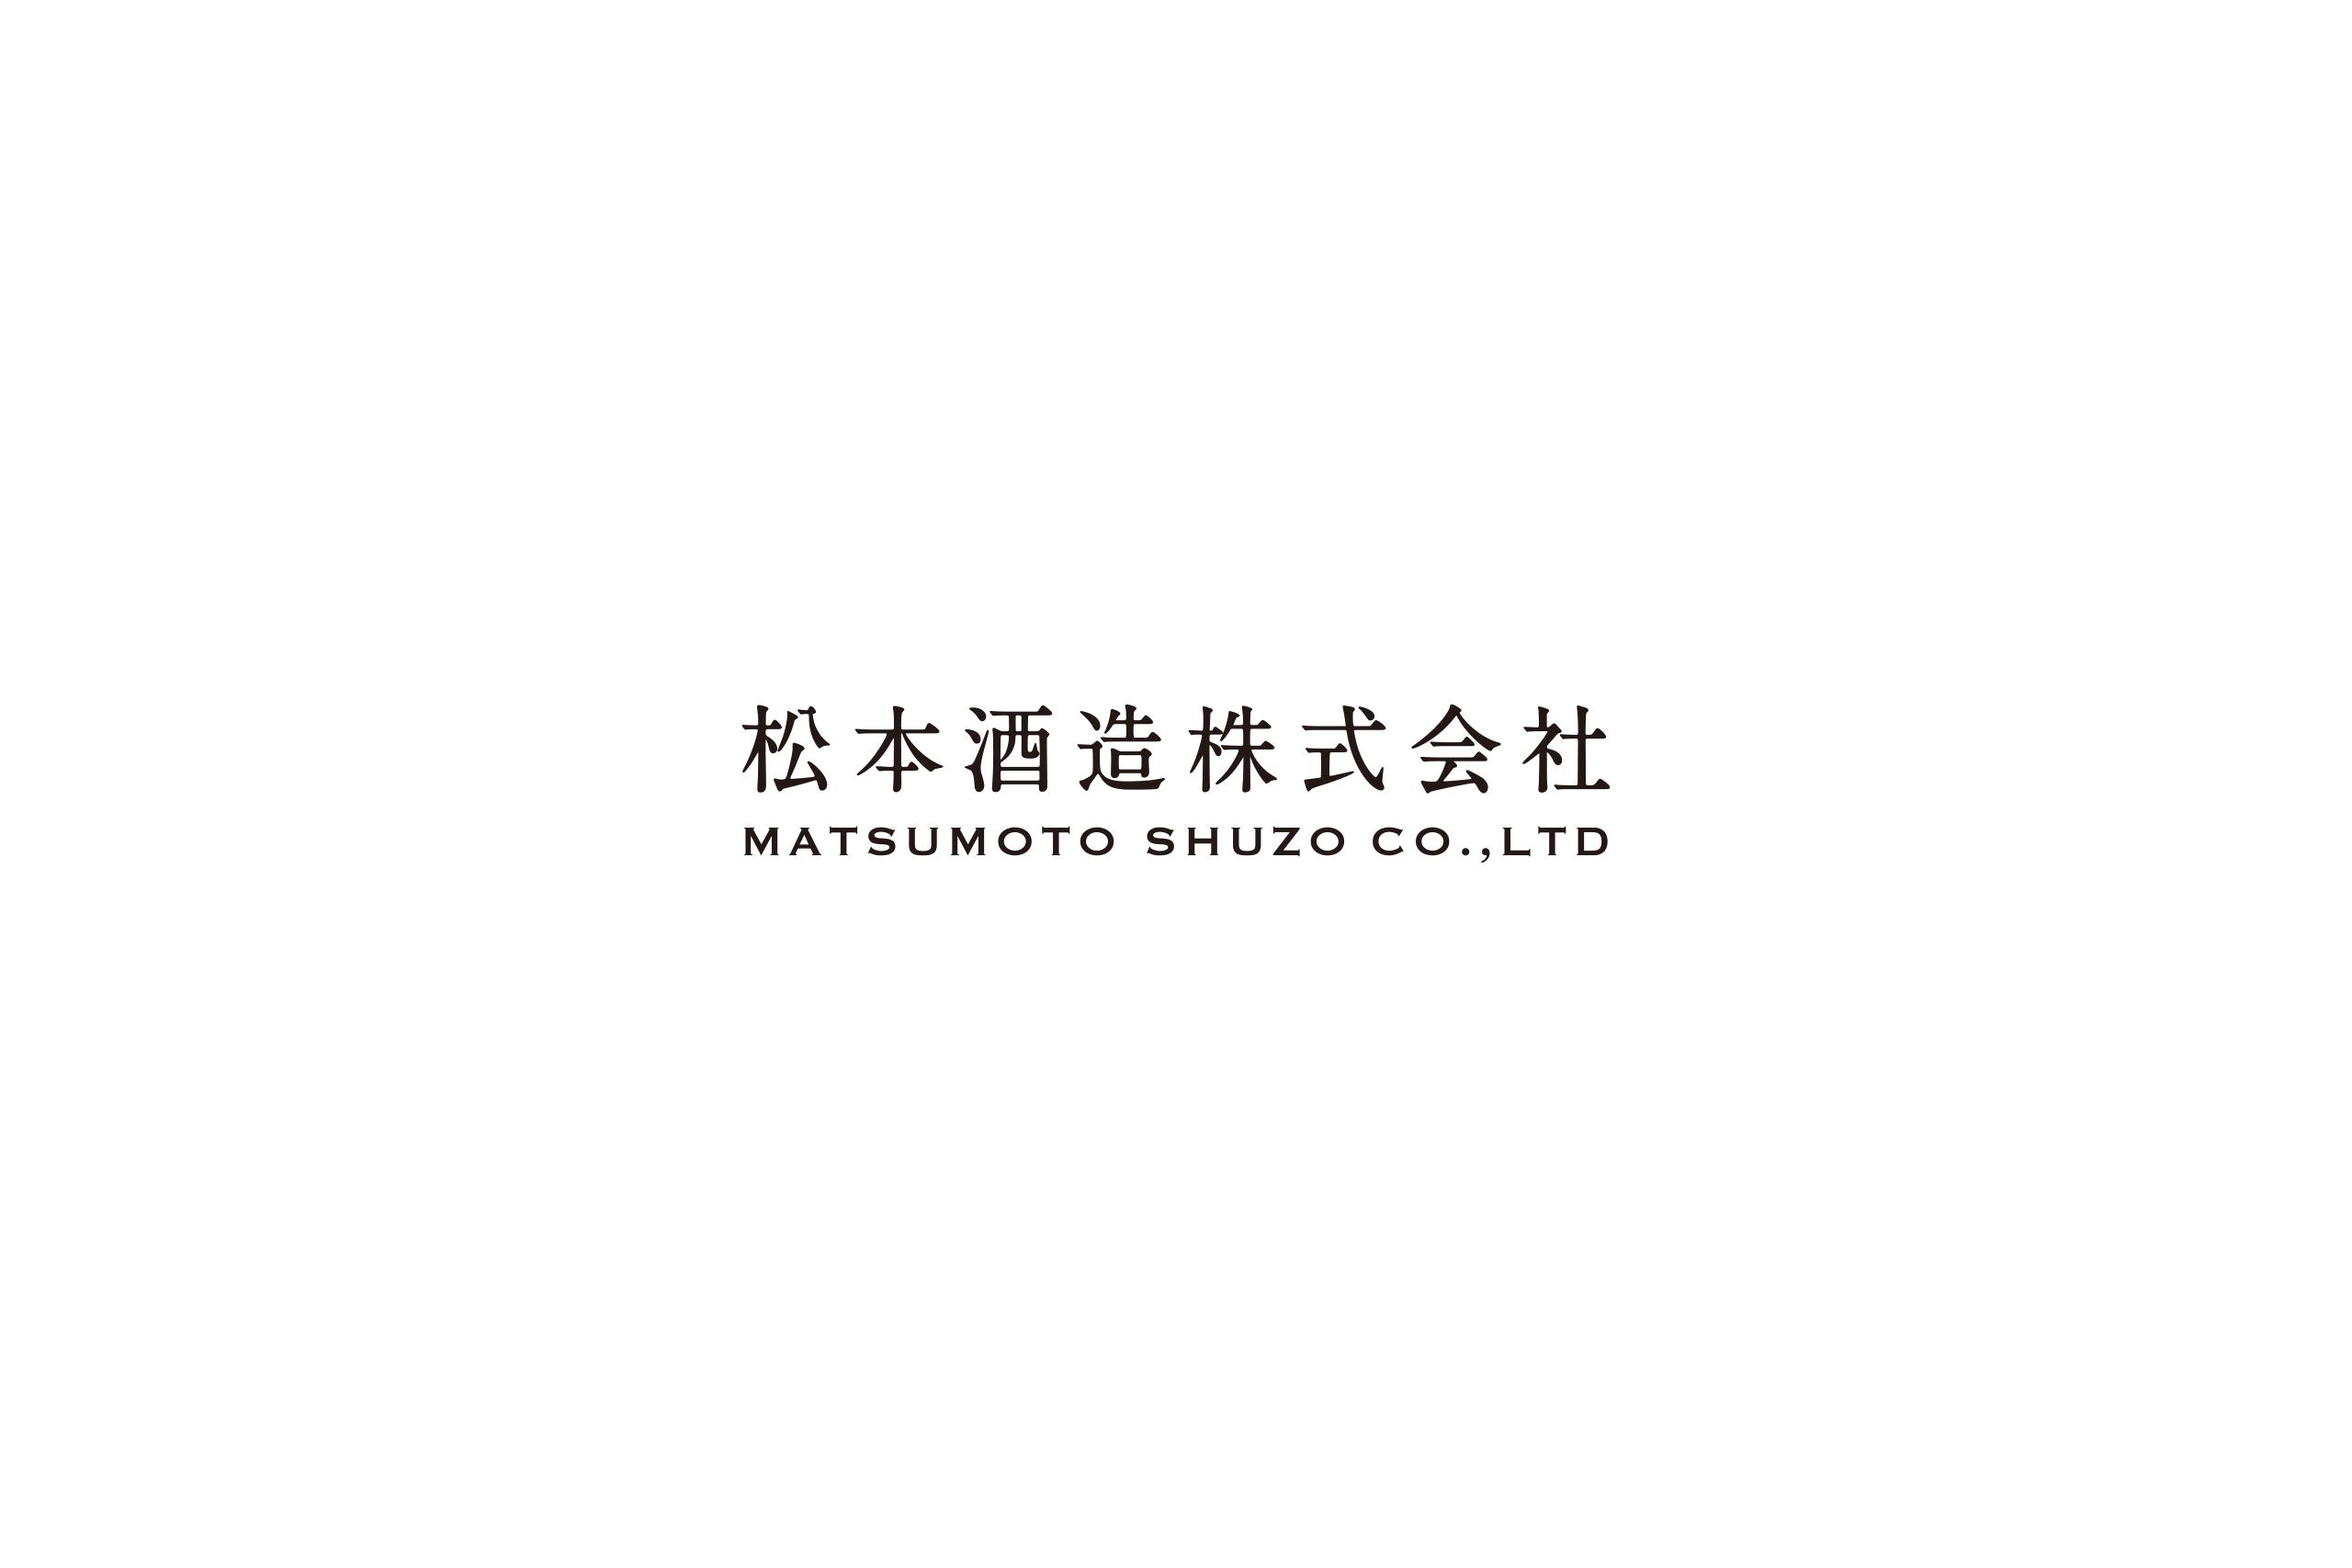 matusmotoshuzo_logo01